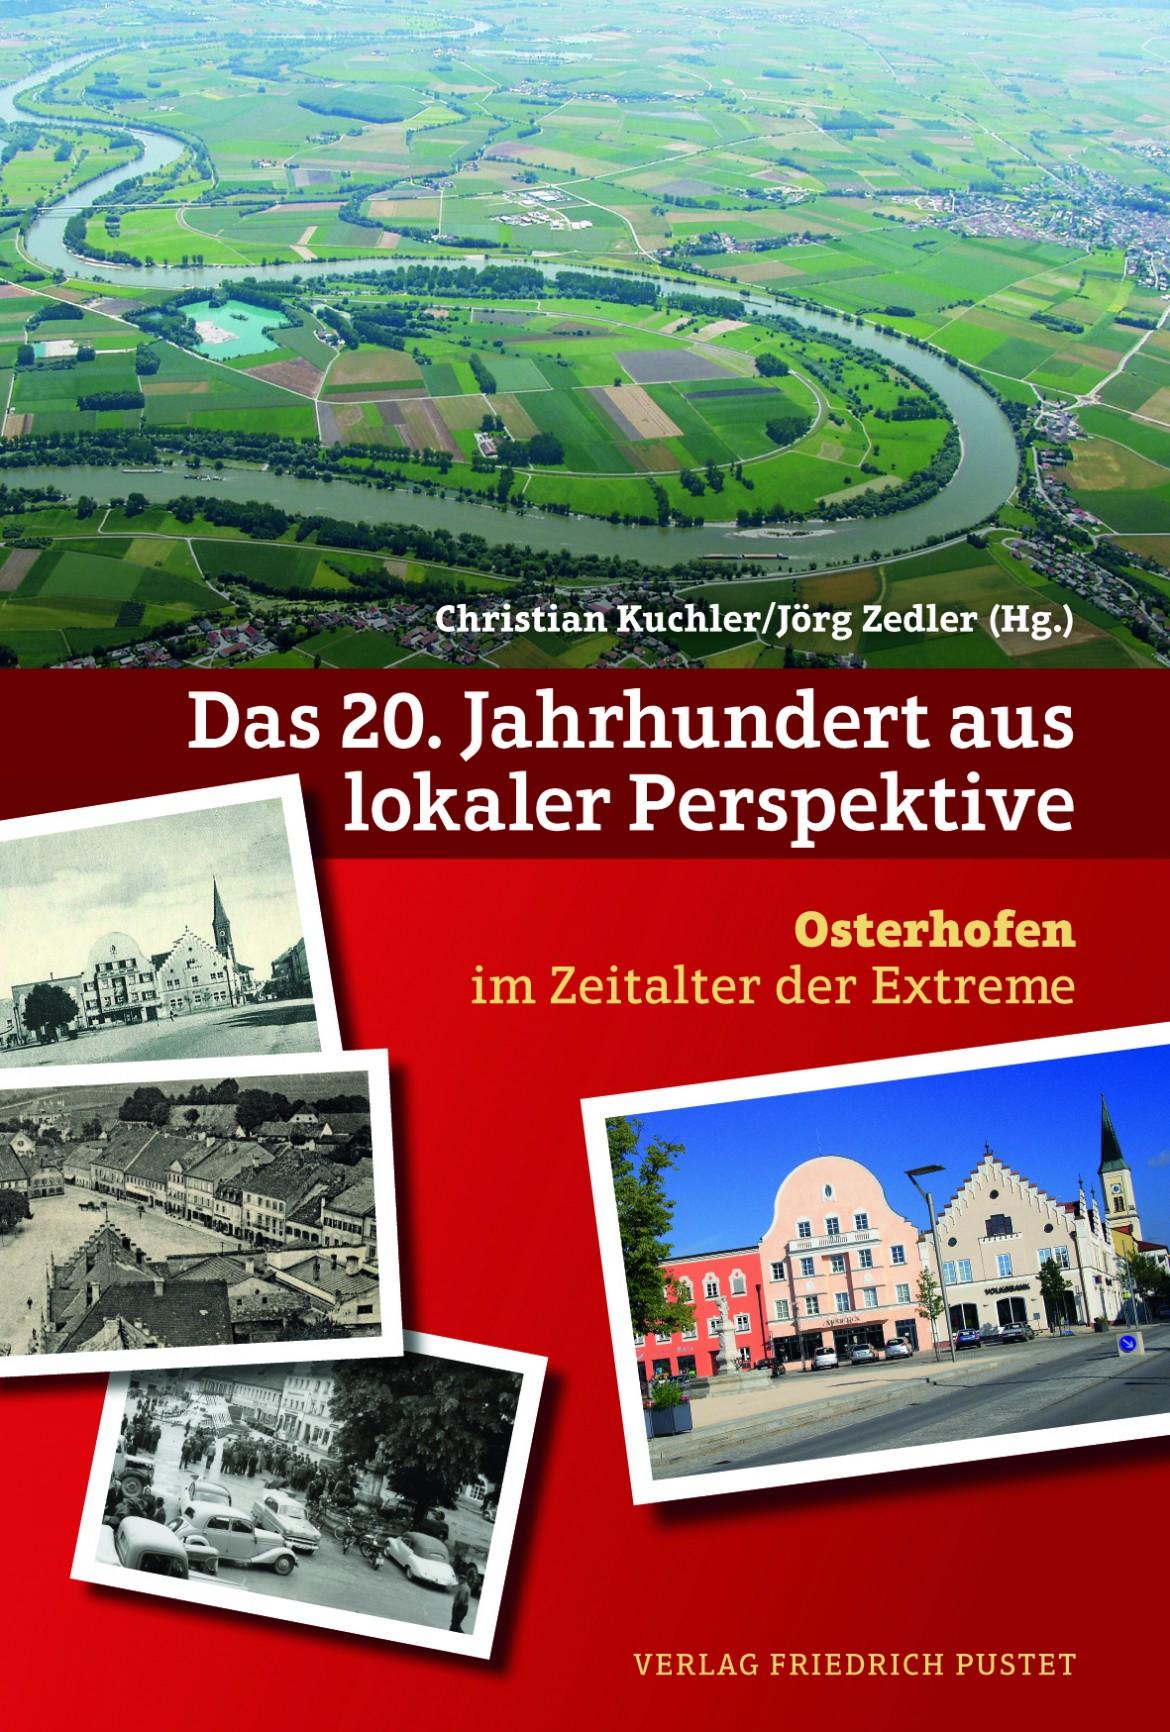 P_KuchlerZedler_U1_061015